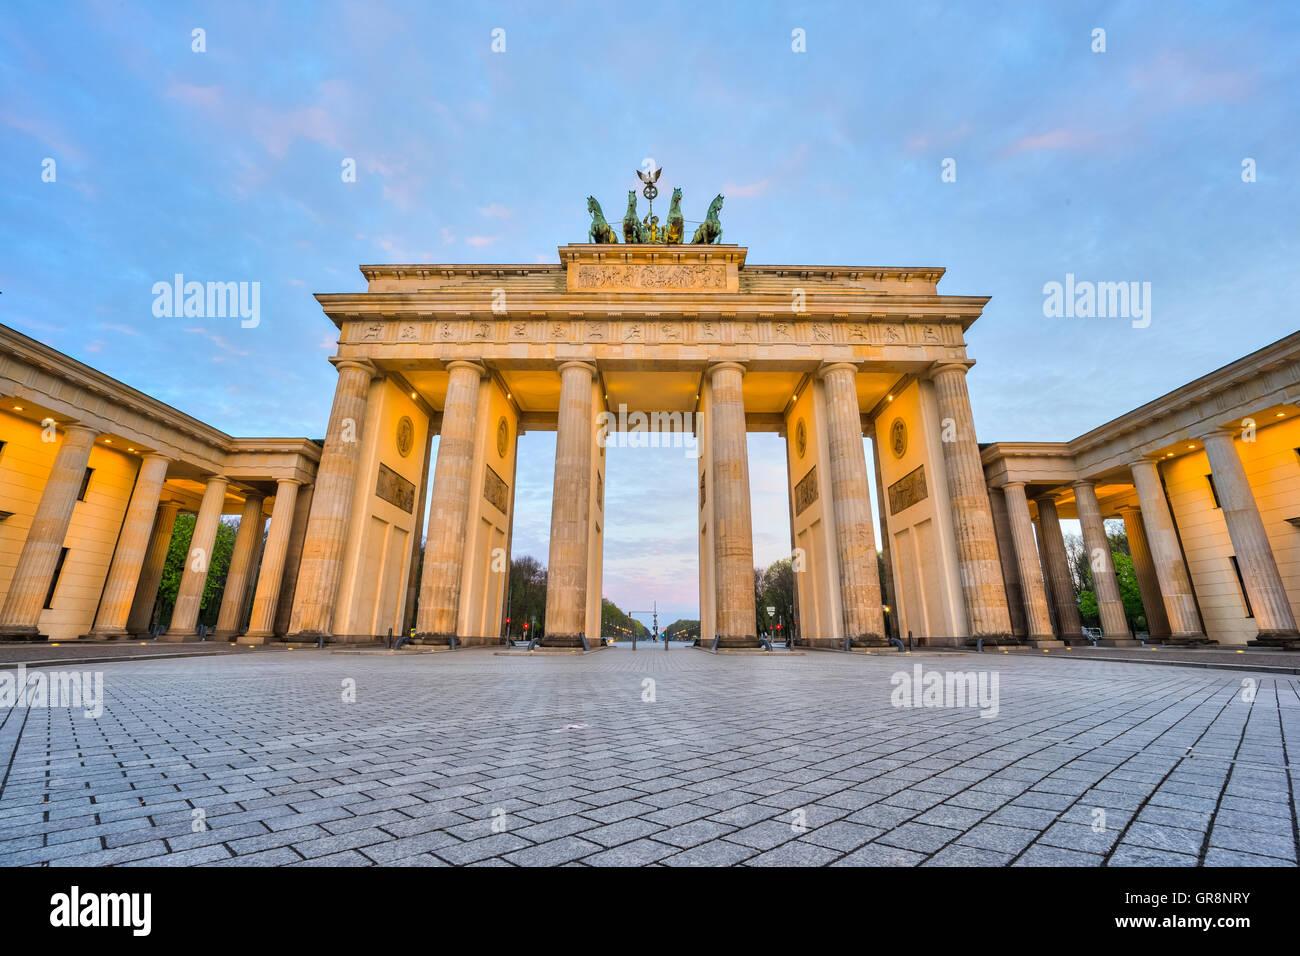 La Puerta de Brandenburgo en Berlín, Alemania. Imagen De Stock